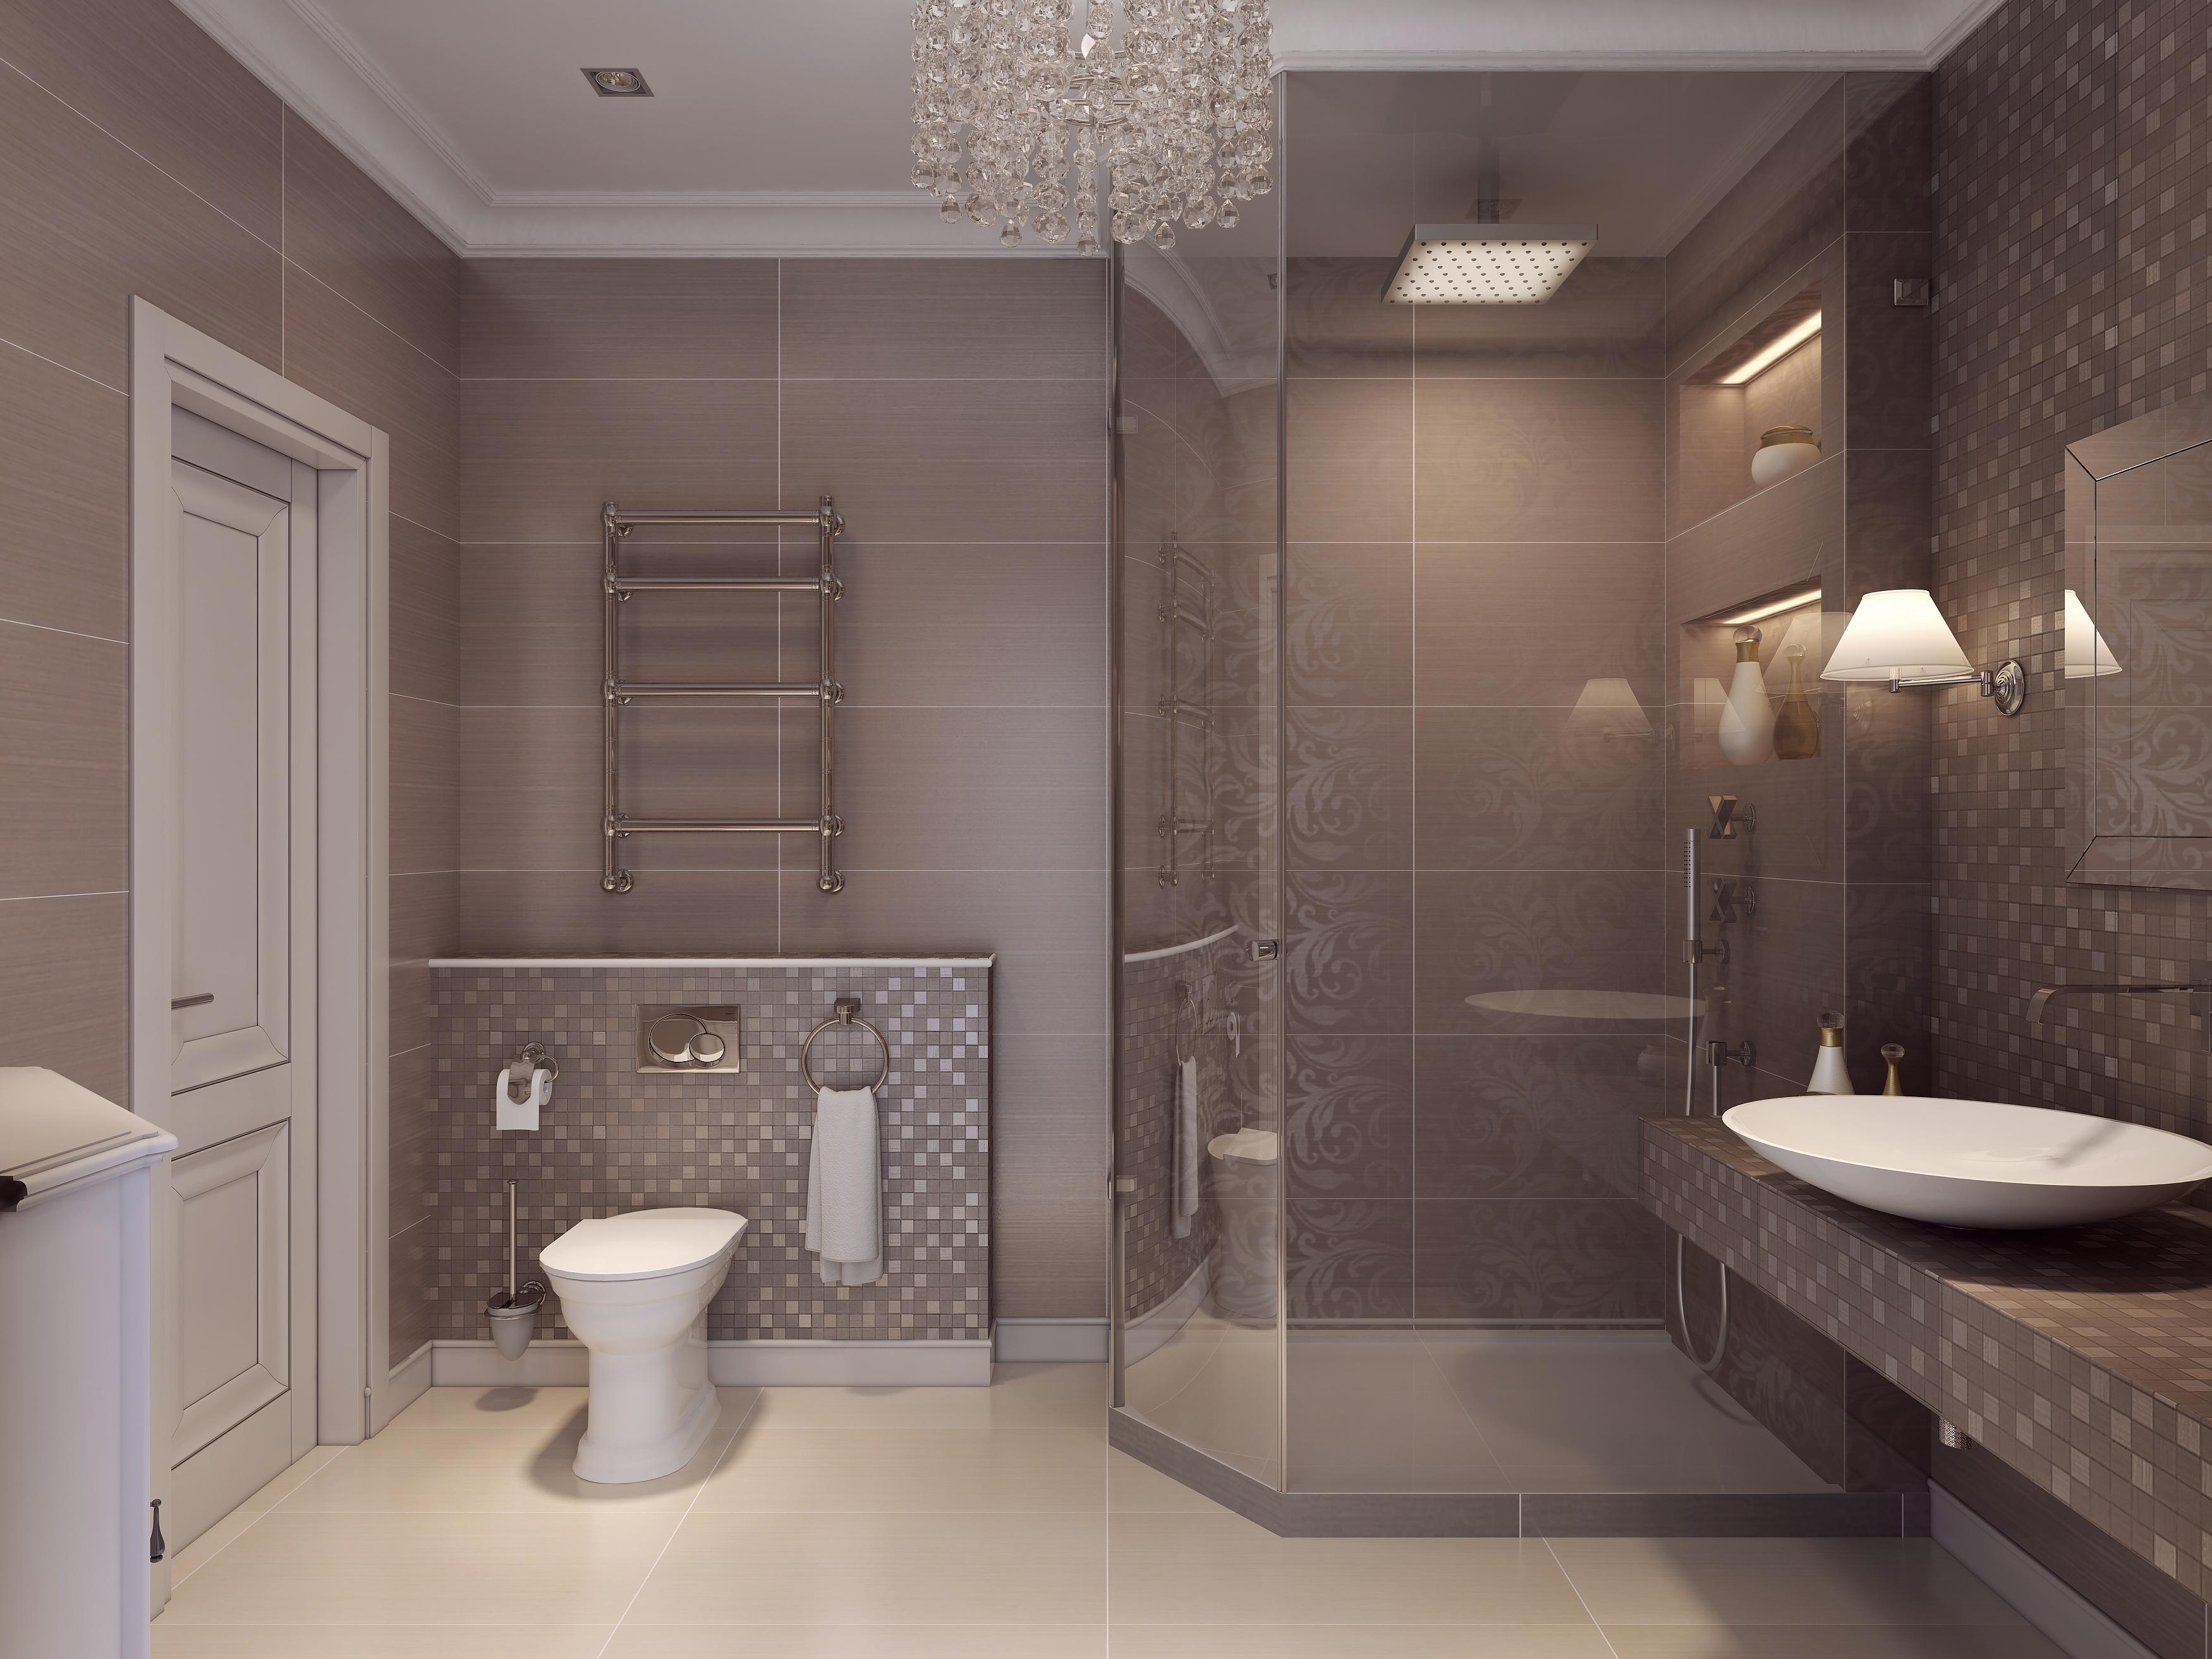 bigstock-Design-A-Bathroom-In-A-Classic-109449224